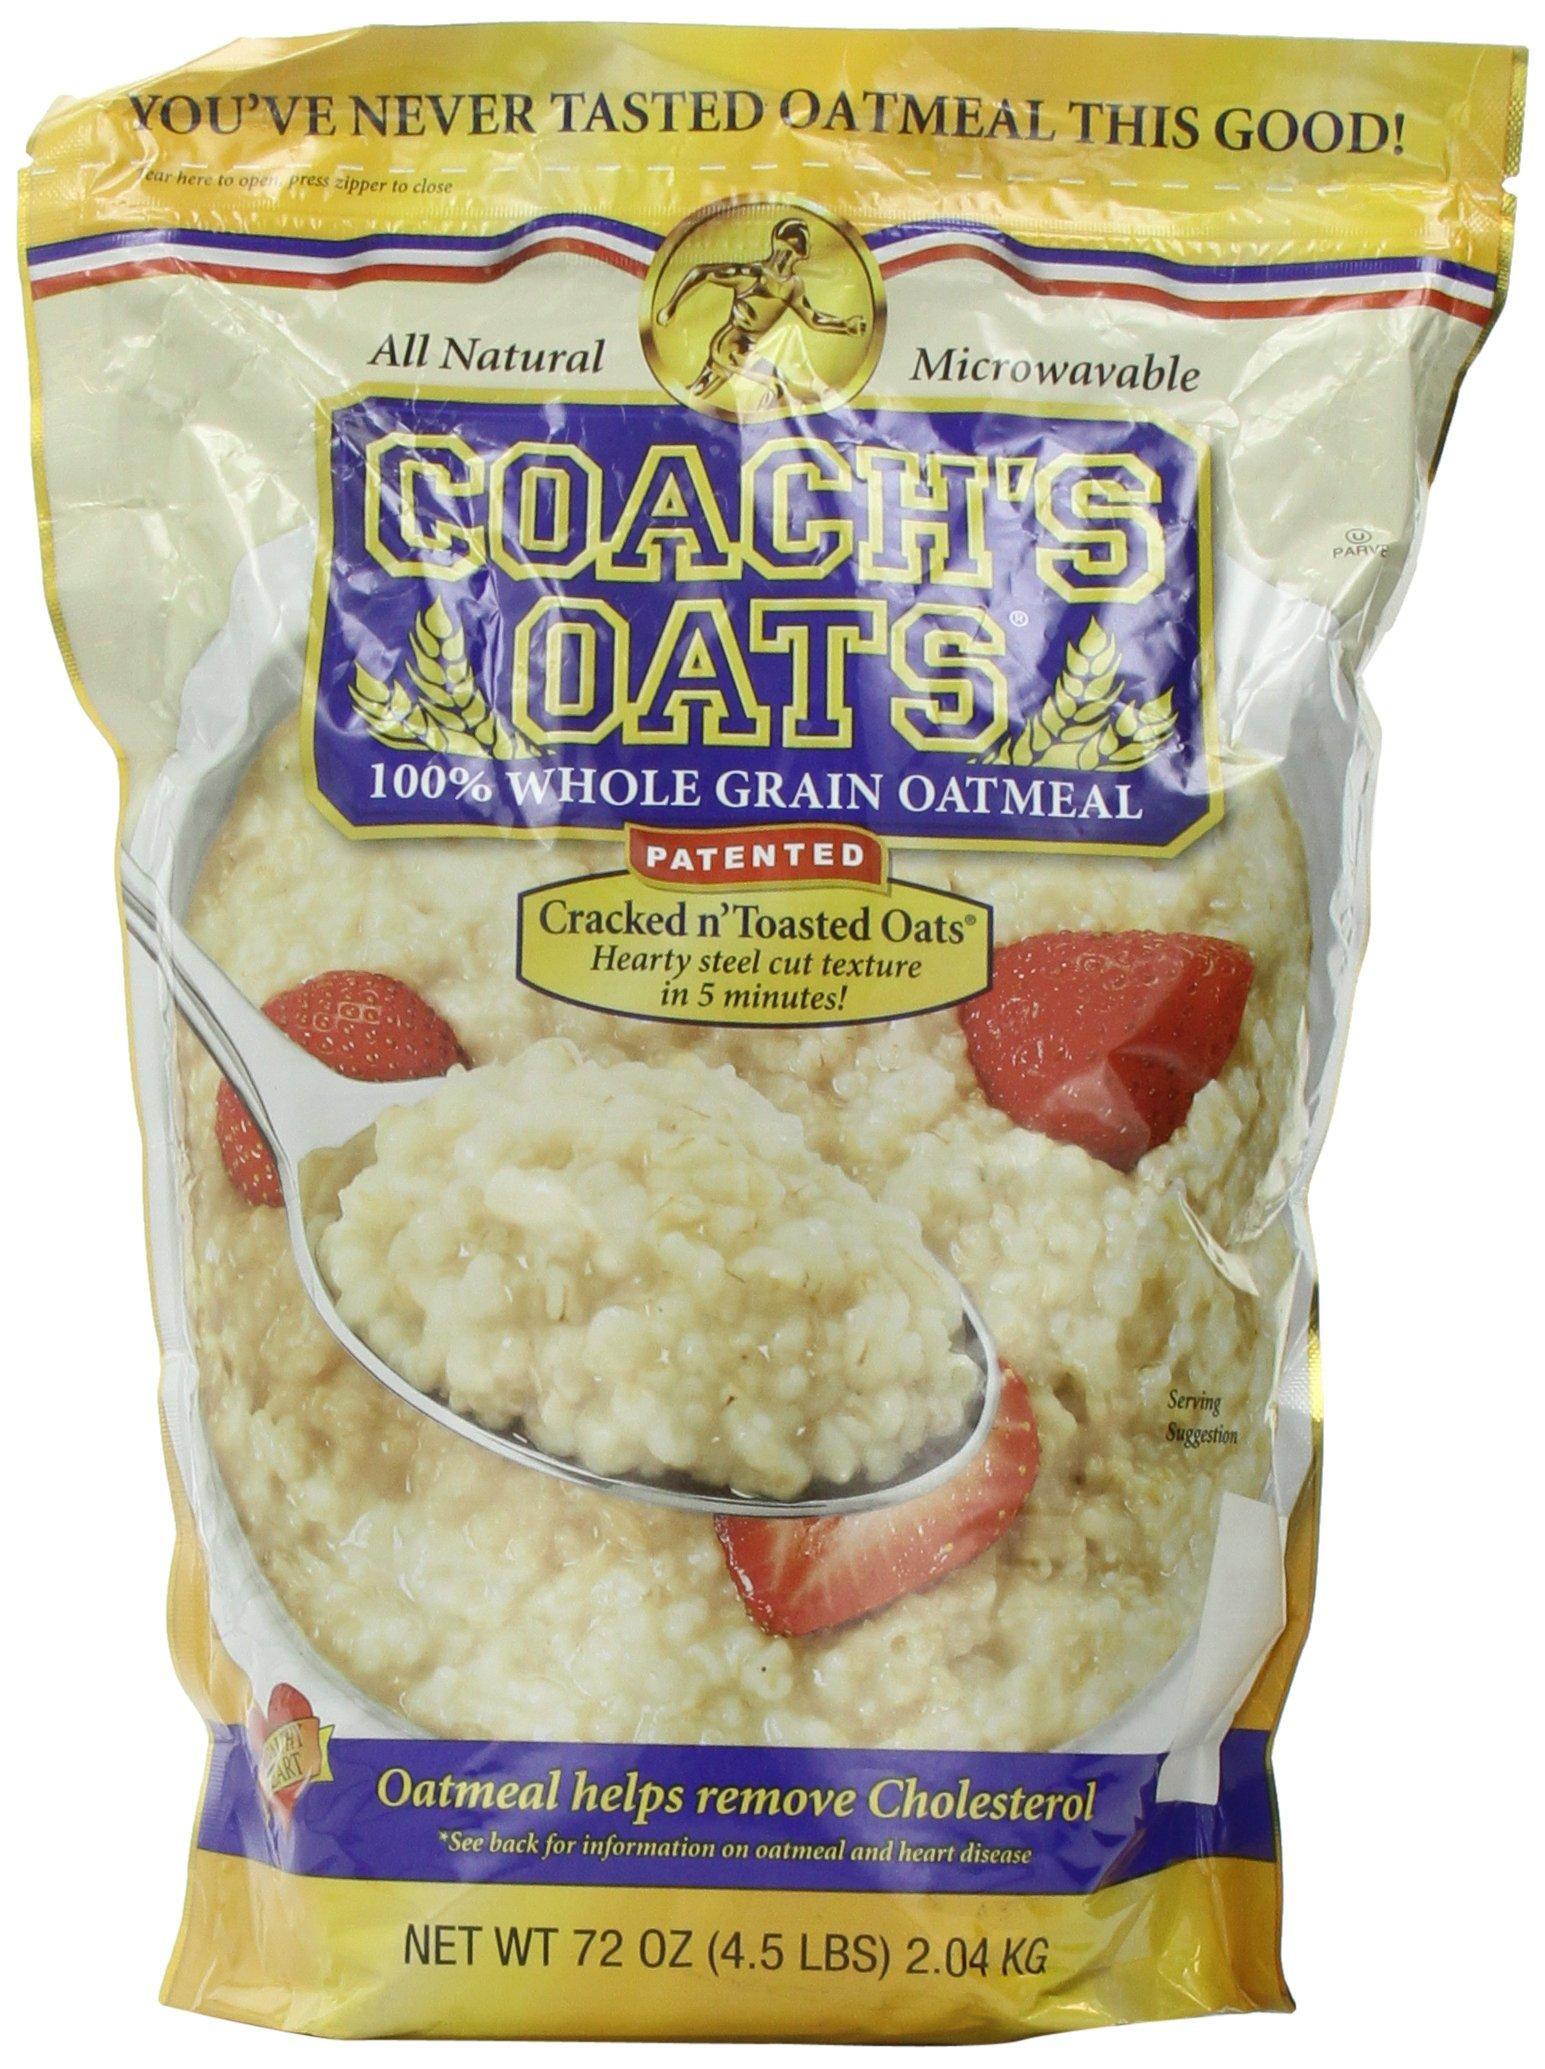 Coachs Oats 100% Whole Grain Oatmeal, 4.5 lbs